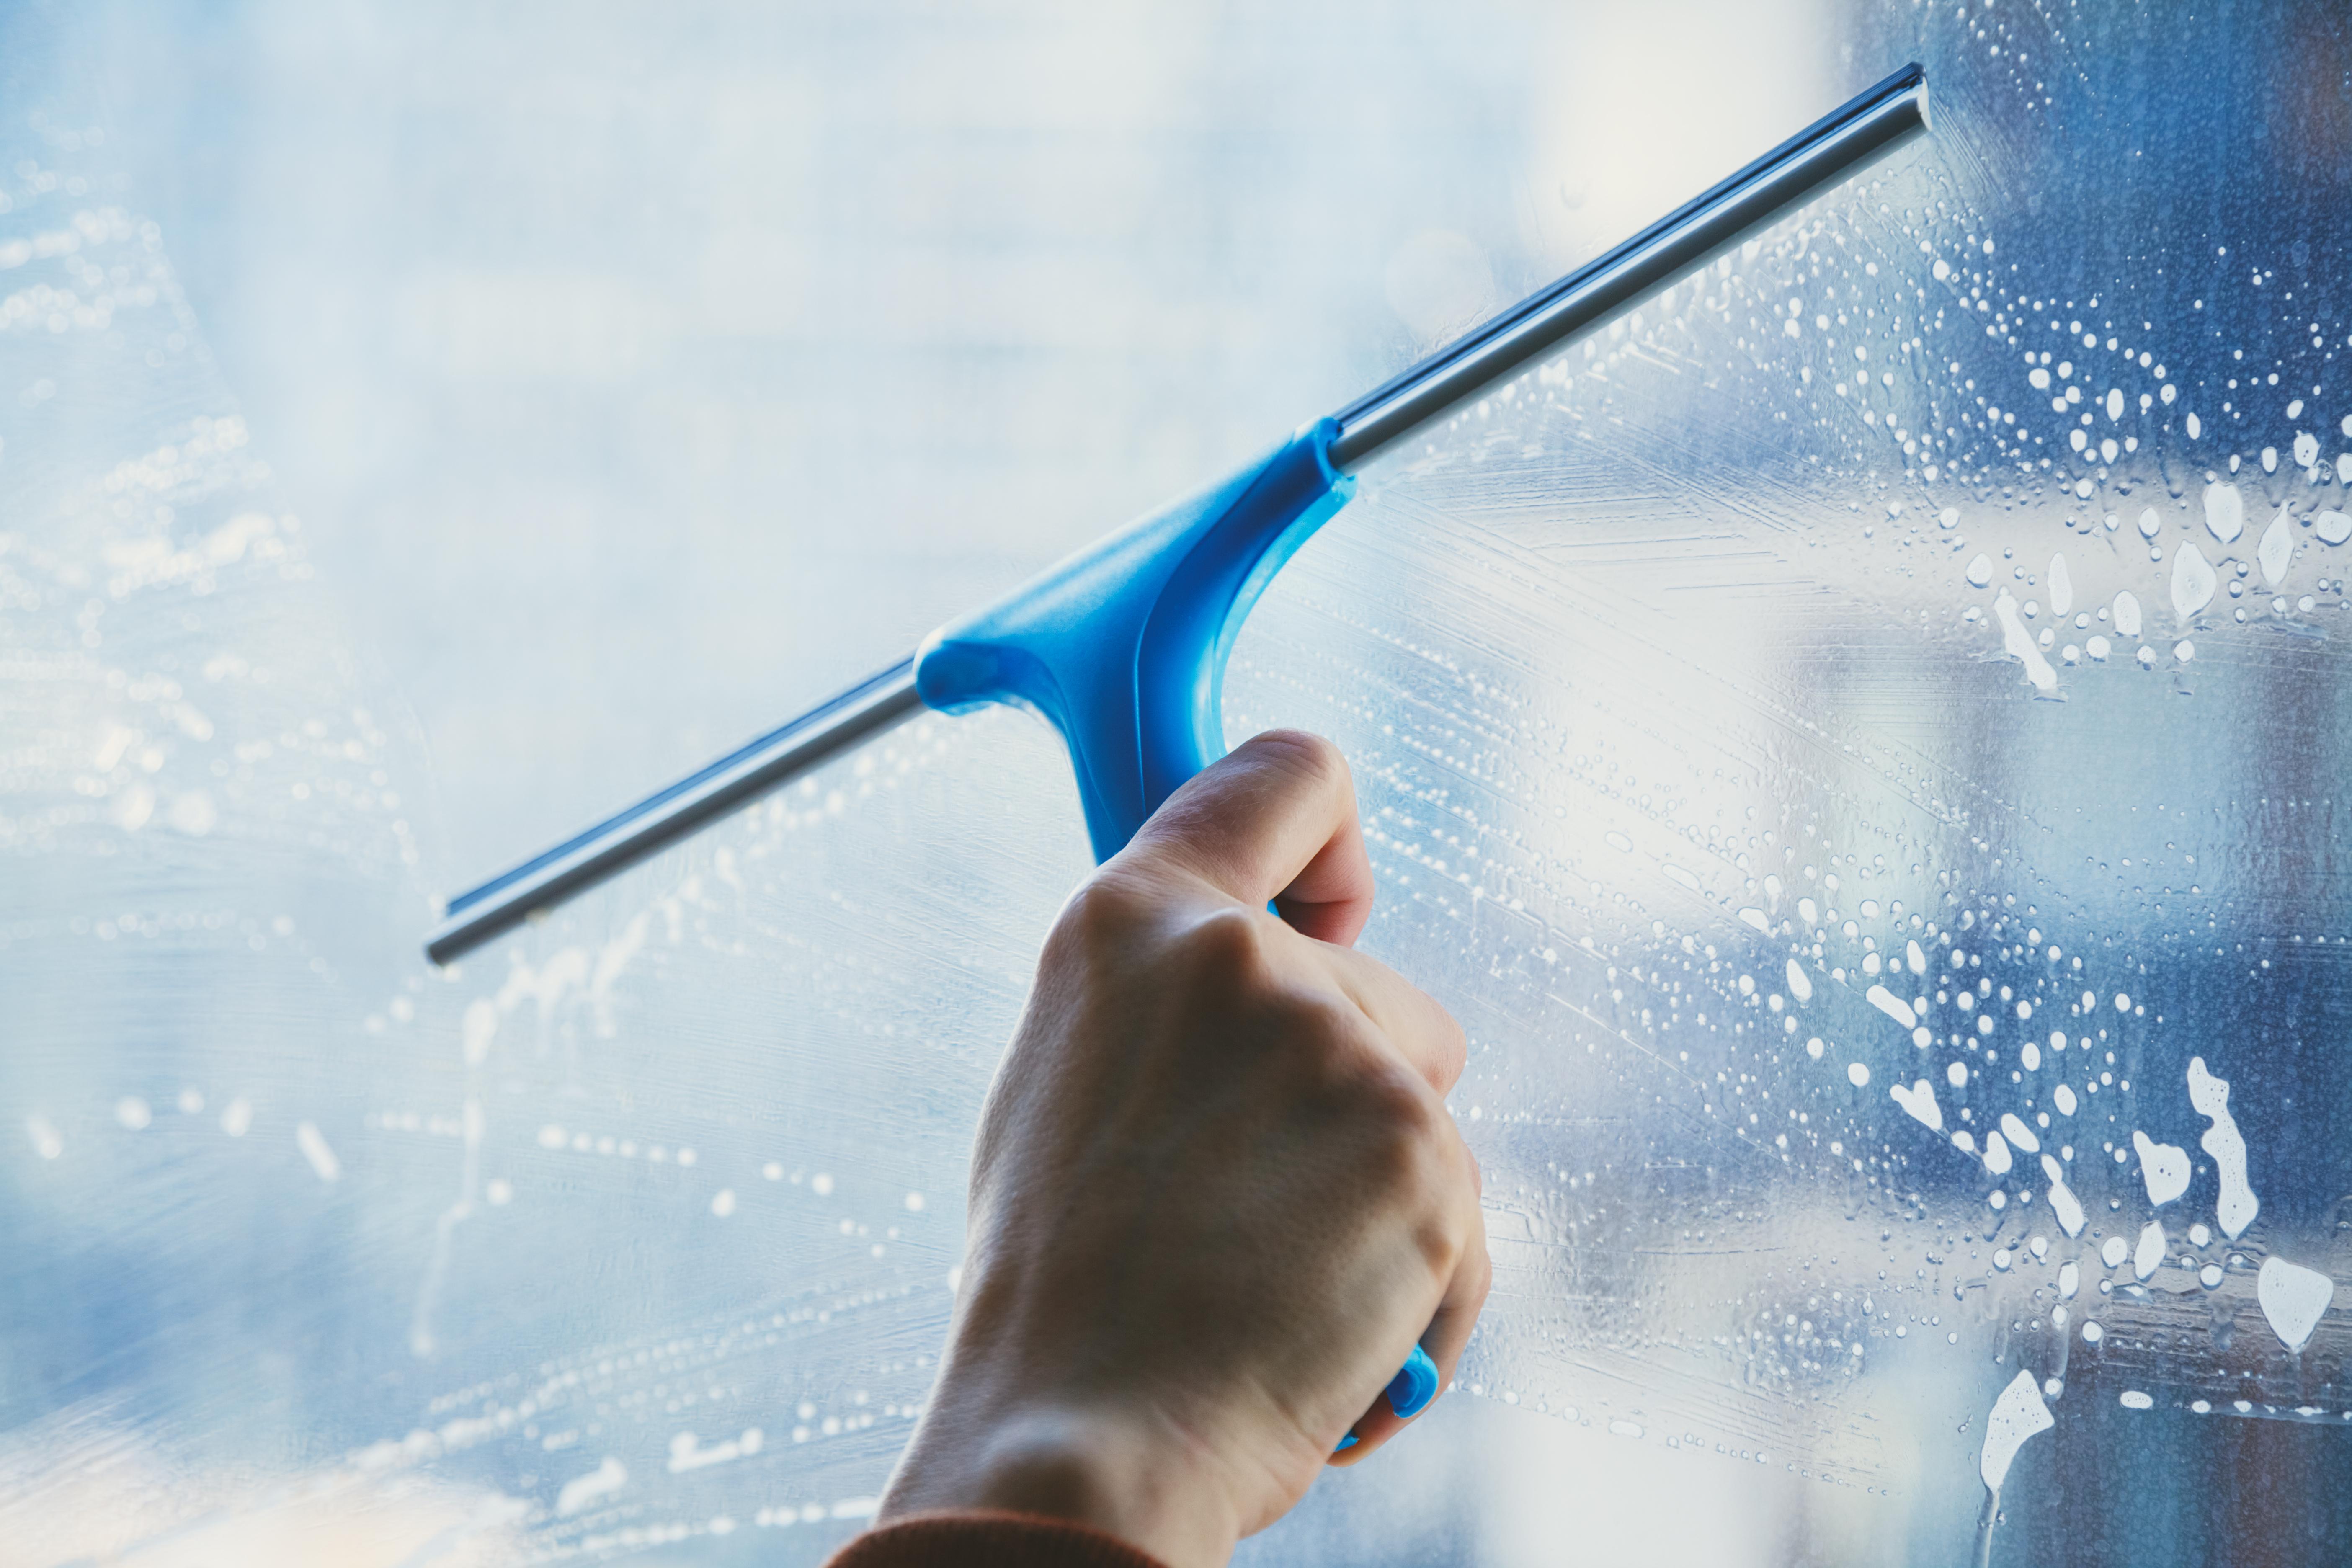 Cuidados na limpeza de vidros e janelas